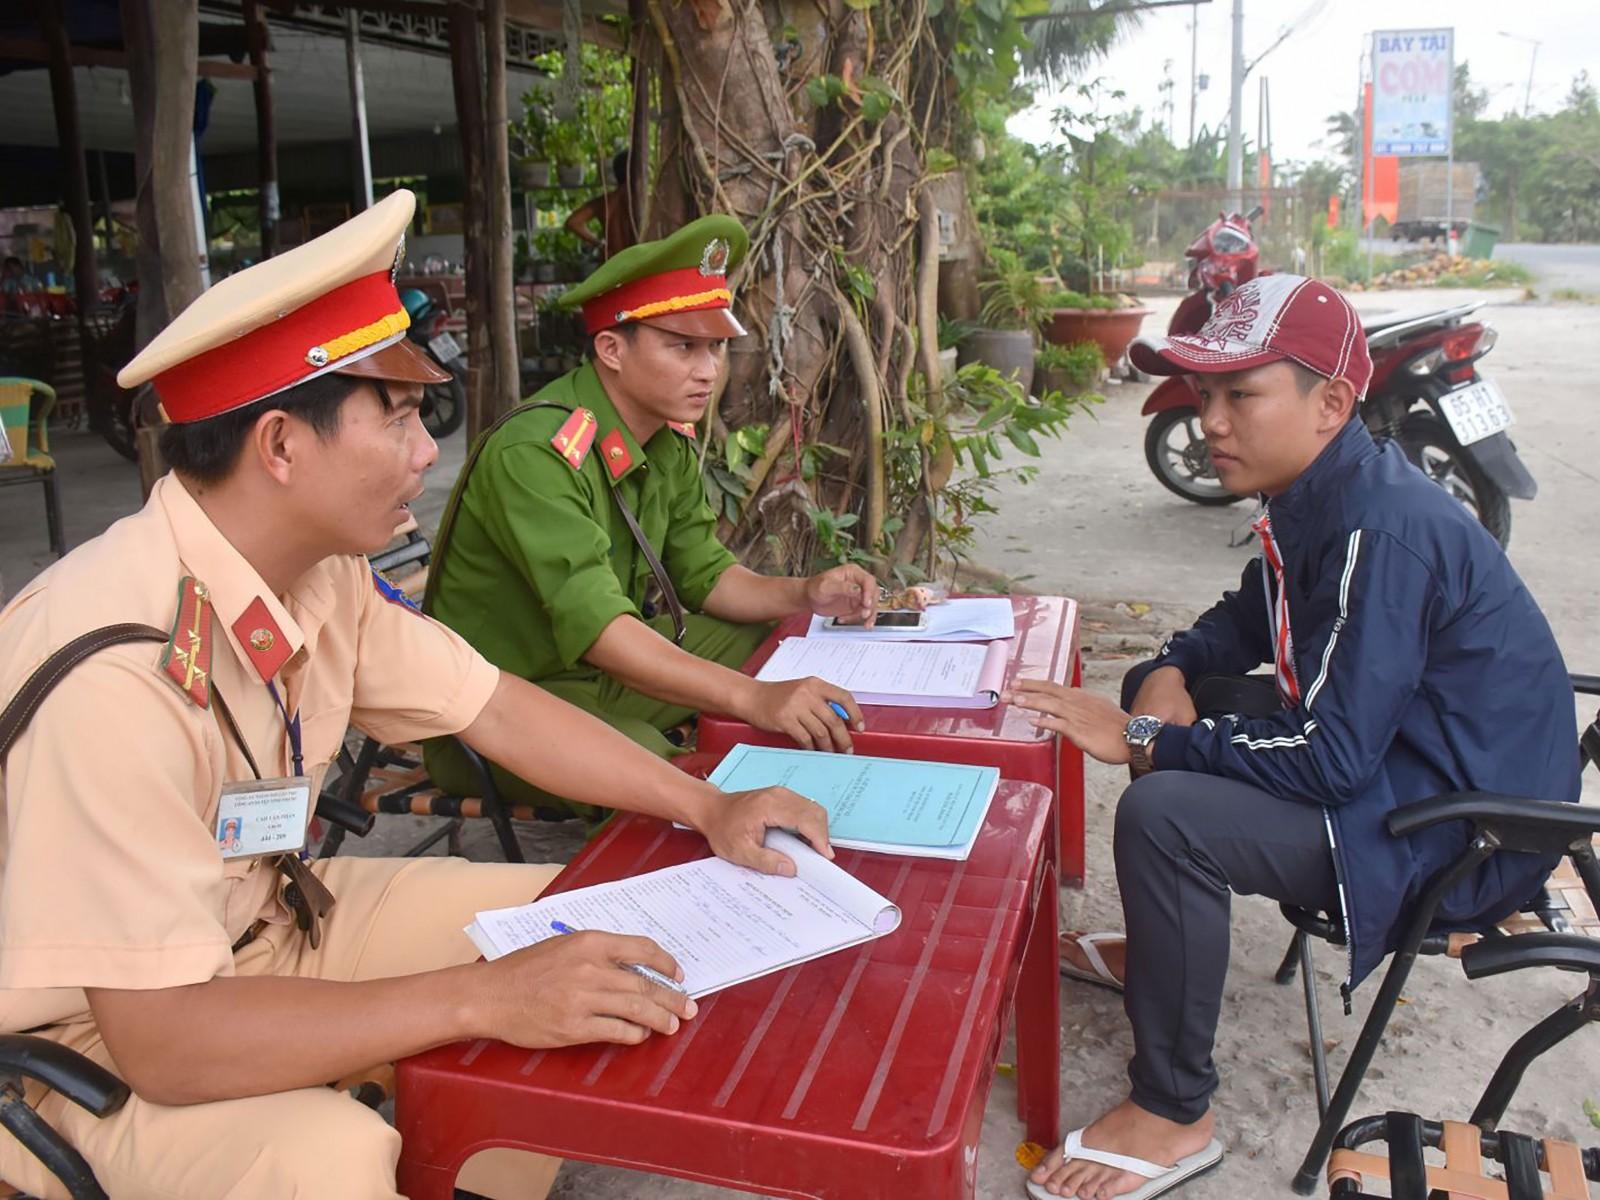 Cảnh sát giao thông -trật tự Công an huyện Vĩnh Thạnh lập biên bản trường hợp chưa đủ tuổi điều khiển xe phân khối lớn trên đường tỉnh 919, thuộc thị trấn Vĩnh Thạnh. Ảnh: XUÂN ĐÀO